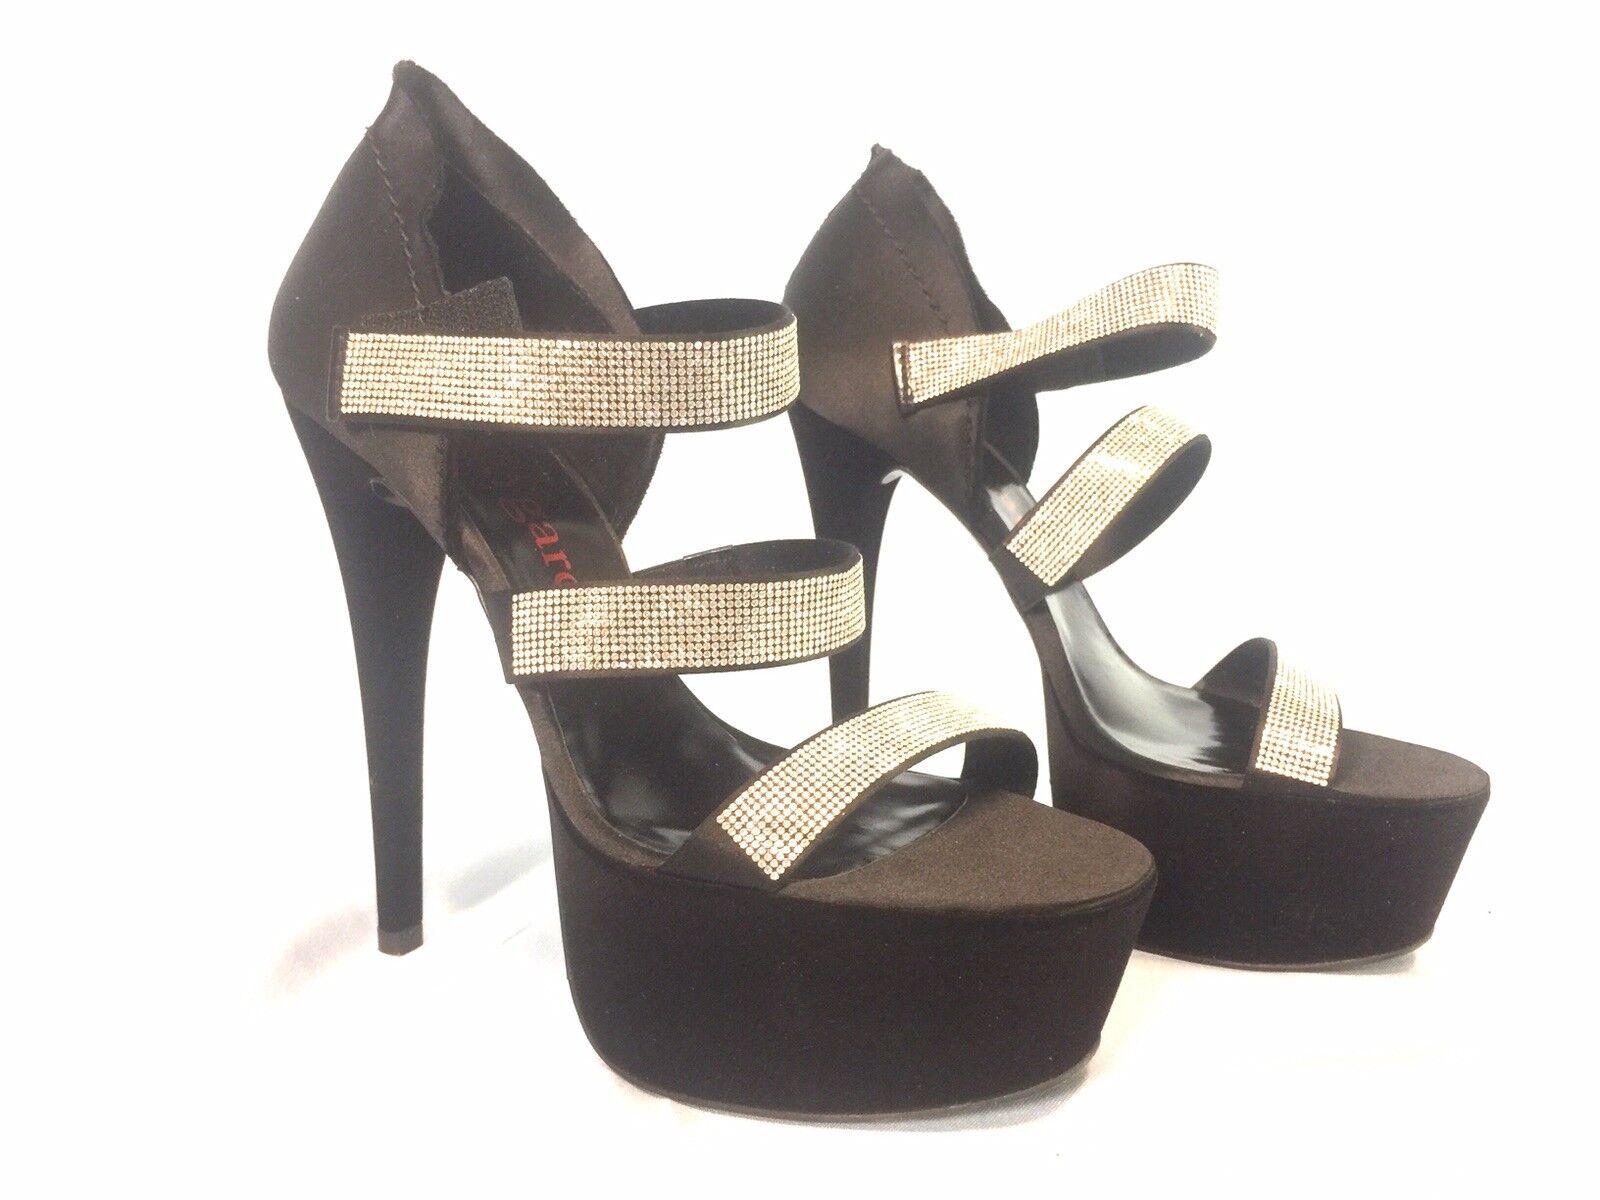 Pedro Garcia Nell Größe 39EU US 9 schwarz velvet Crystal Crystal Crystal Pave Platform Sandals  875 f083ea